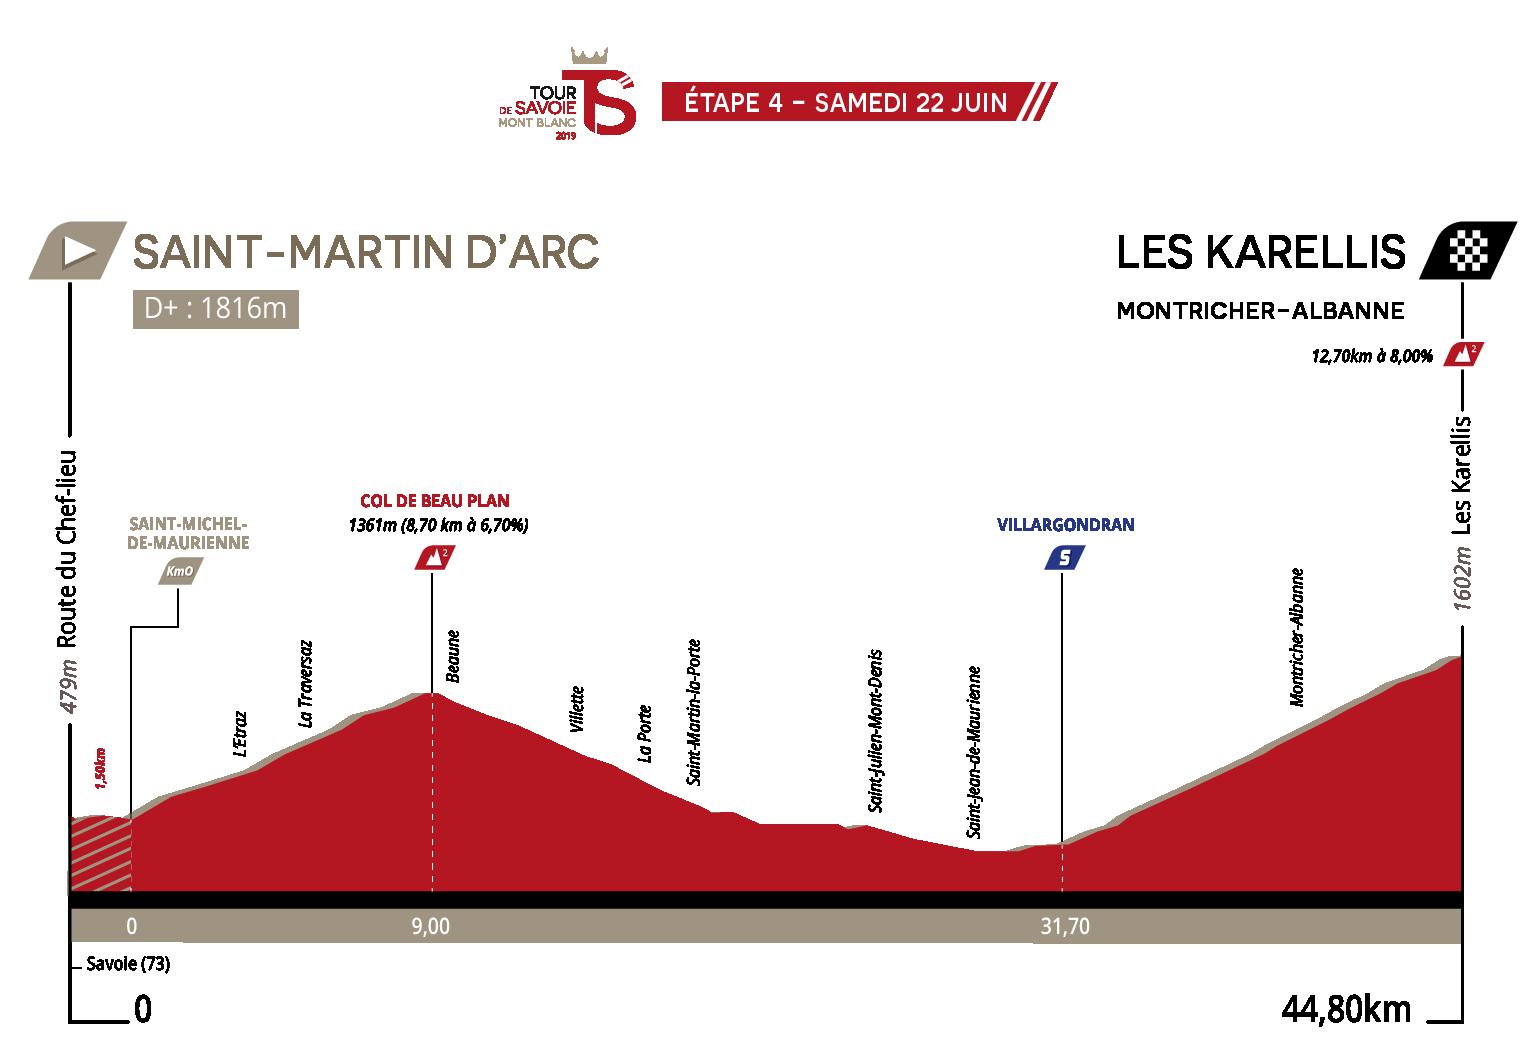 UCI Europe Tour - Page 39 TSMB2019-Profil-E4-V10-04-19